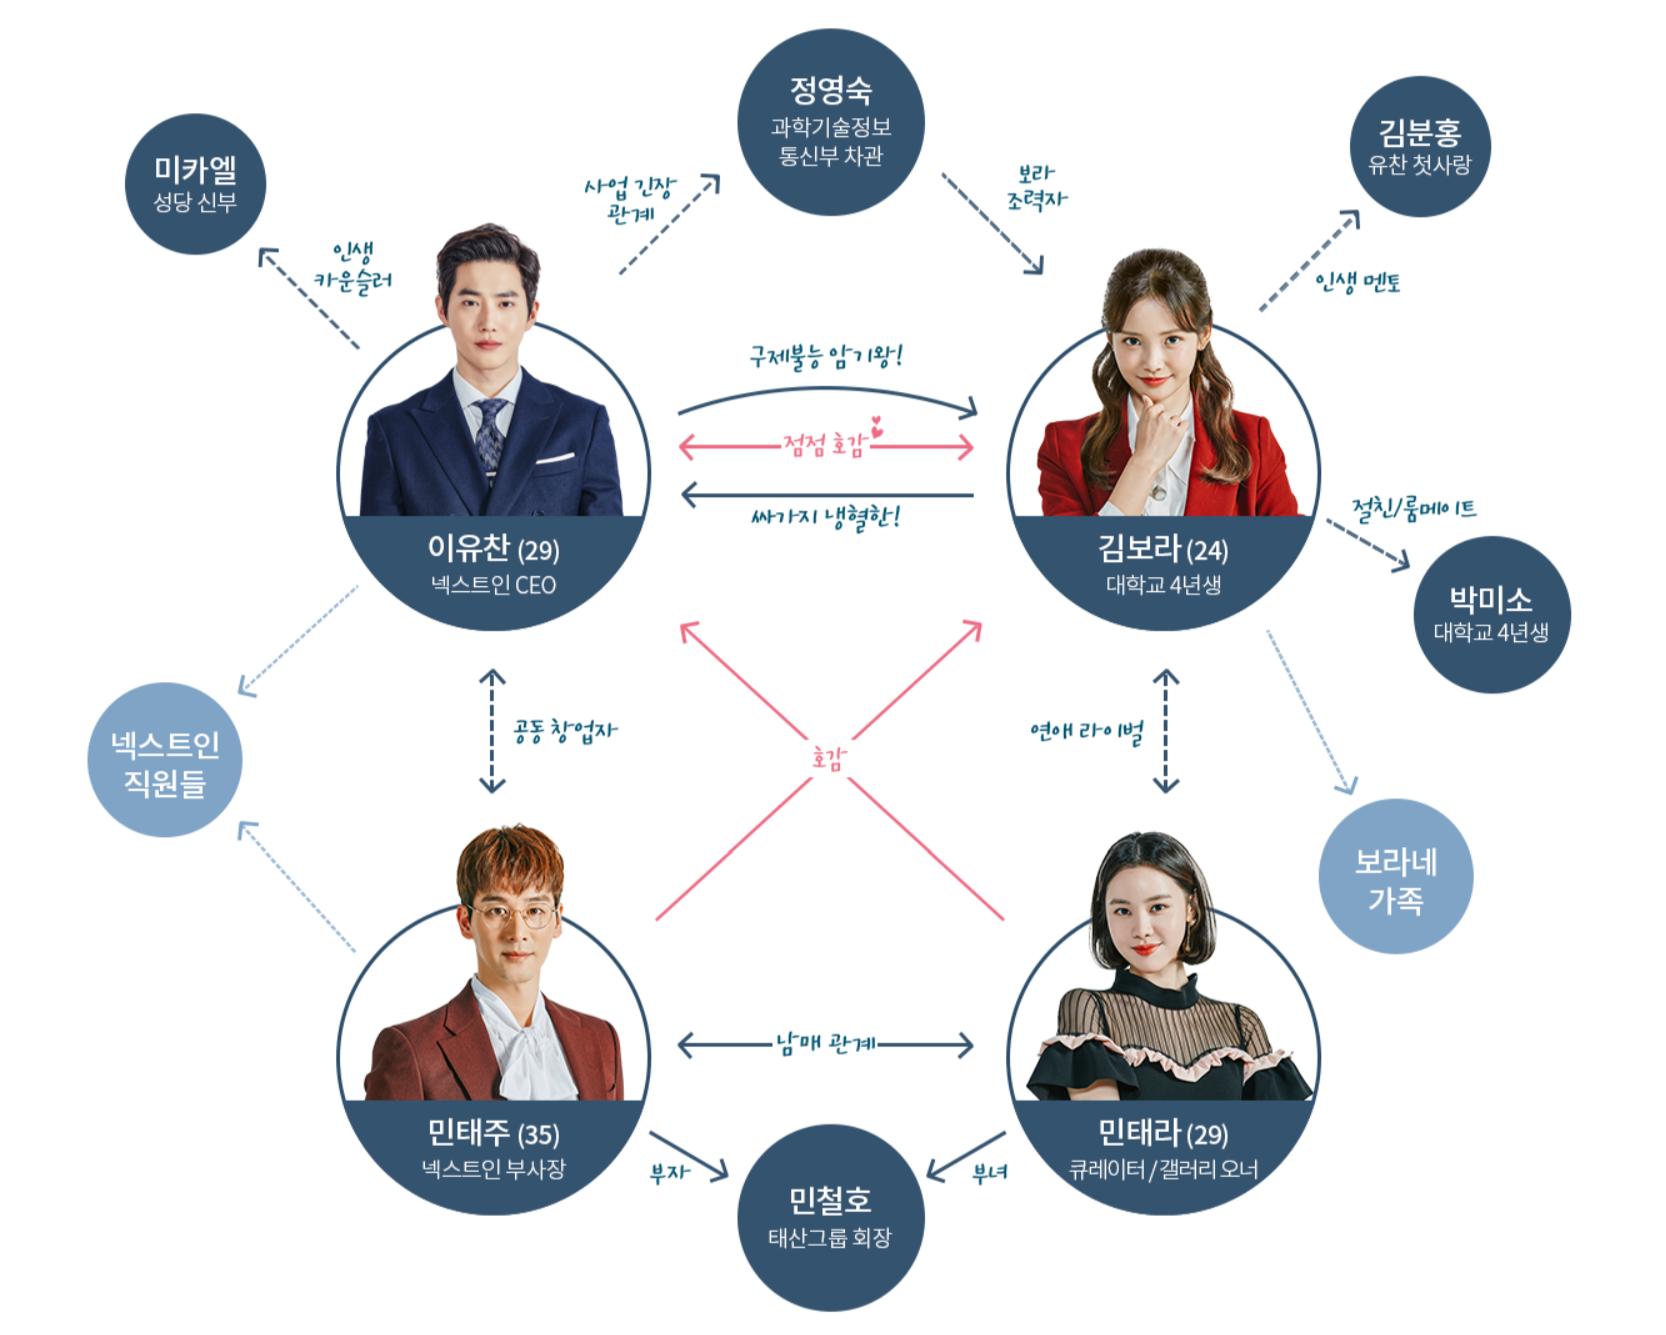 韓国ドラマ「リッチマン~噓つきは恋の始まり~」登場人物相関図(関係図)